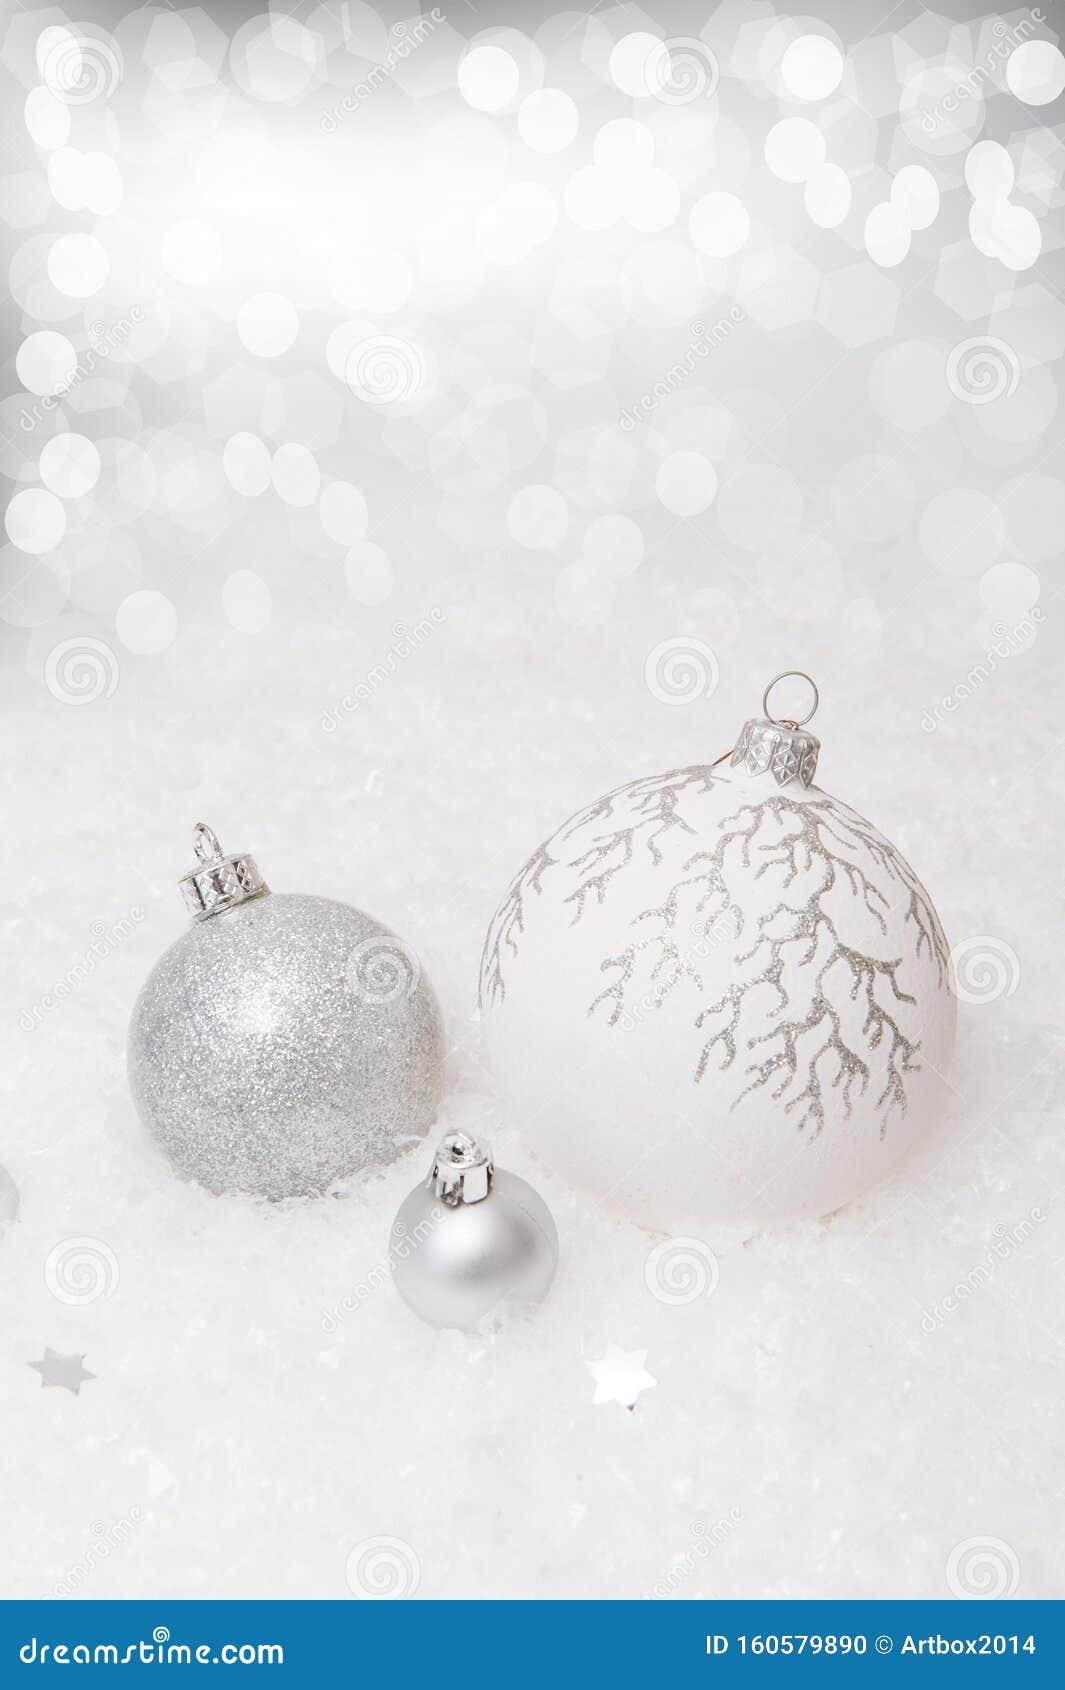 Youtube Sfondi Natalizi.Sullo Sfondo Natalizio Bianco Con Fiocchi Di Neve E Decorazioni Natalizie Fotografia Stock Immagine Di Stagionale Saluto 160579890